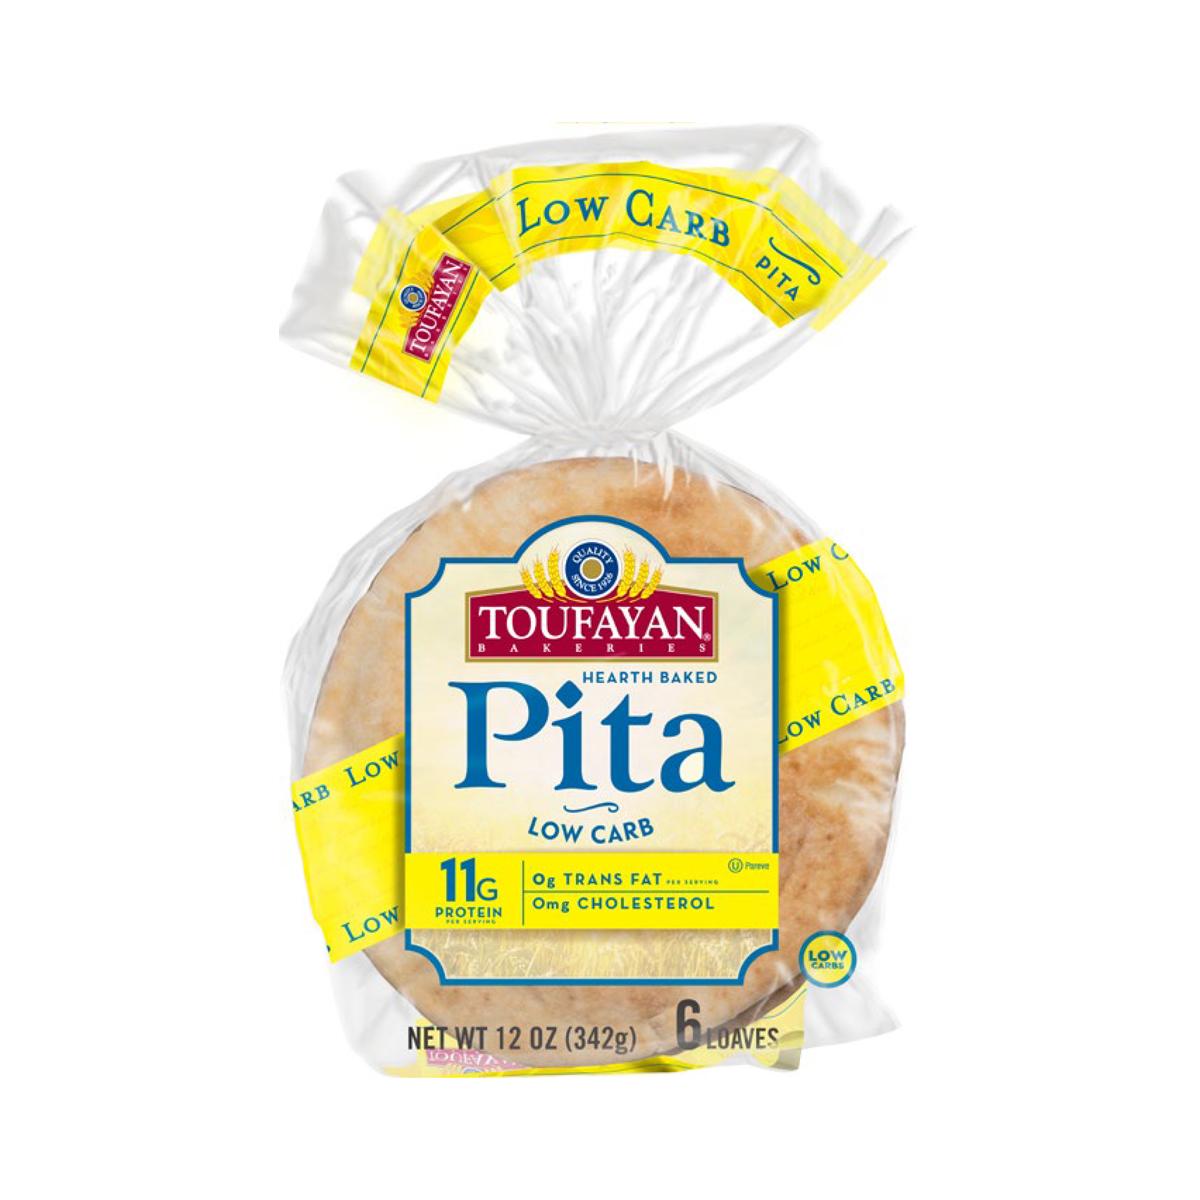 Pan Pita Low Carb